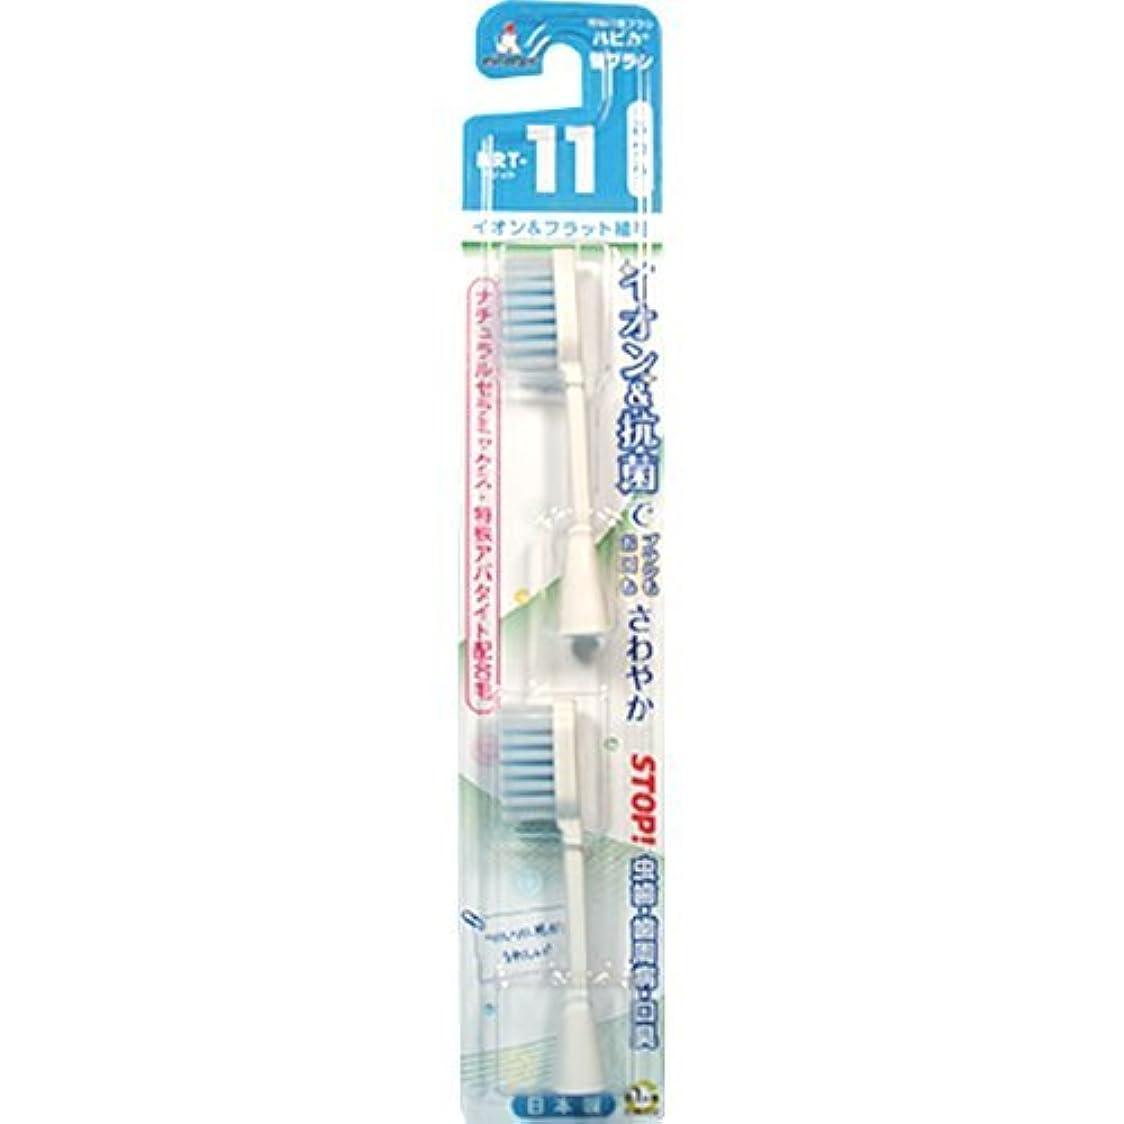 香りスキニー珍味ミニマム 電動付歯ブラシ ハピカ 専用替ブラシ イオン+フラット植毛 毛の硬さ:ふつう BRT-11 2個入